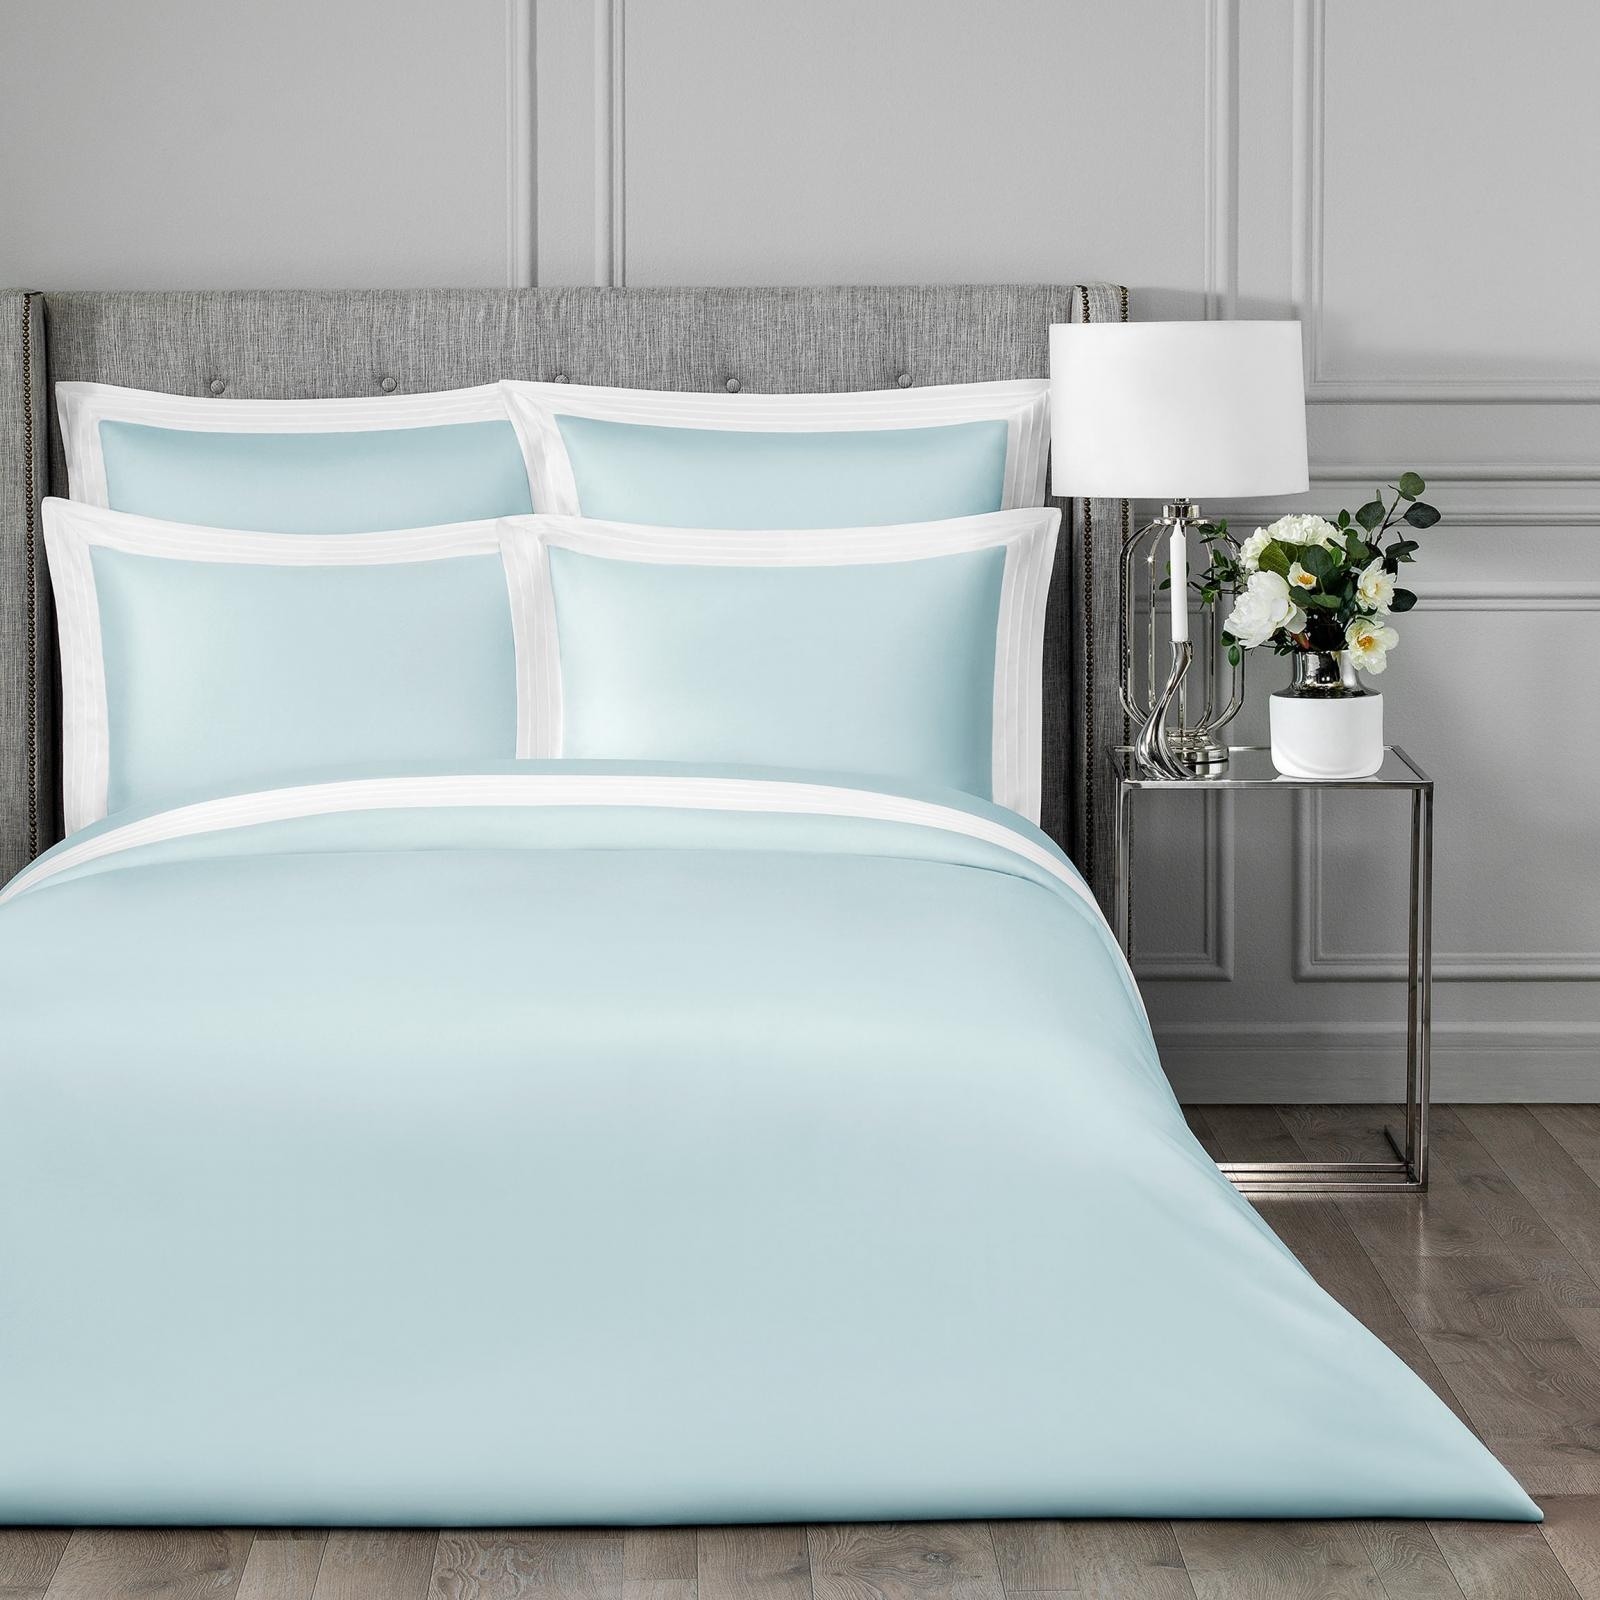 Фото - Постельный комплект Togas Эдем голубой/белый двуспальный постельный комплект togas кеннет темно синий двуспальный